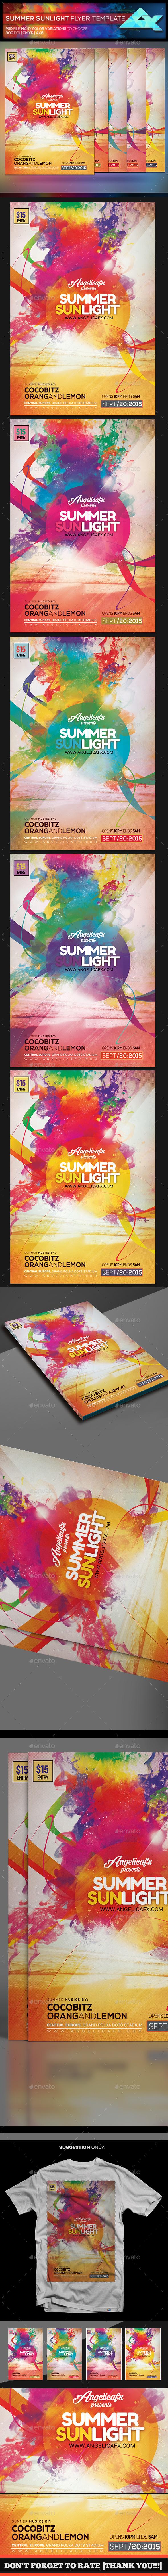 Summer Sun Light Flyer Template - Flyers Print Templates